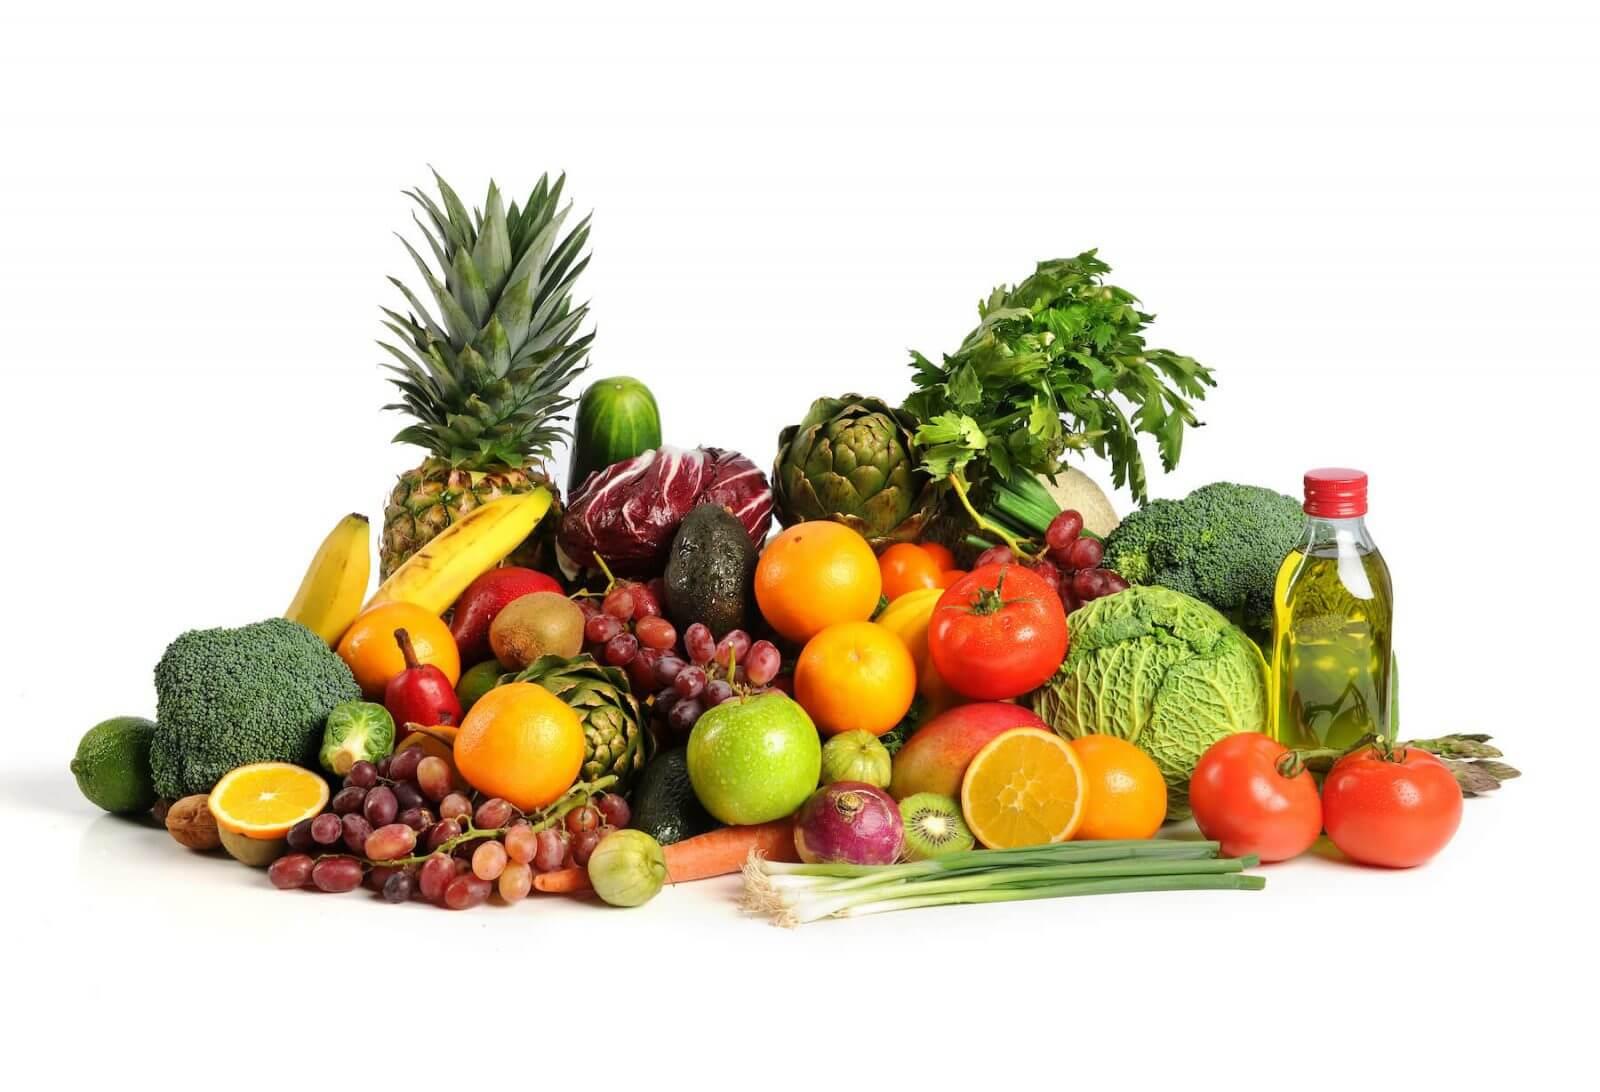 La alimentación influye en el estado de ánimo